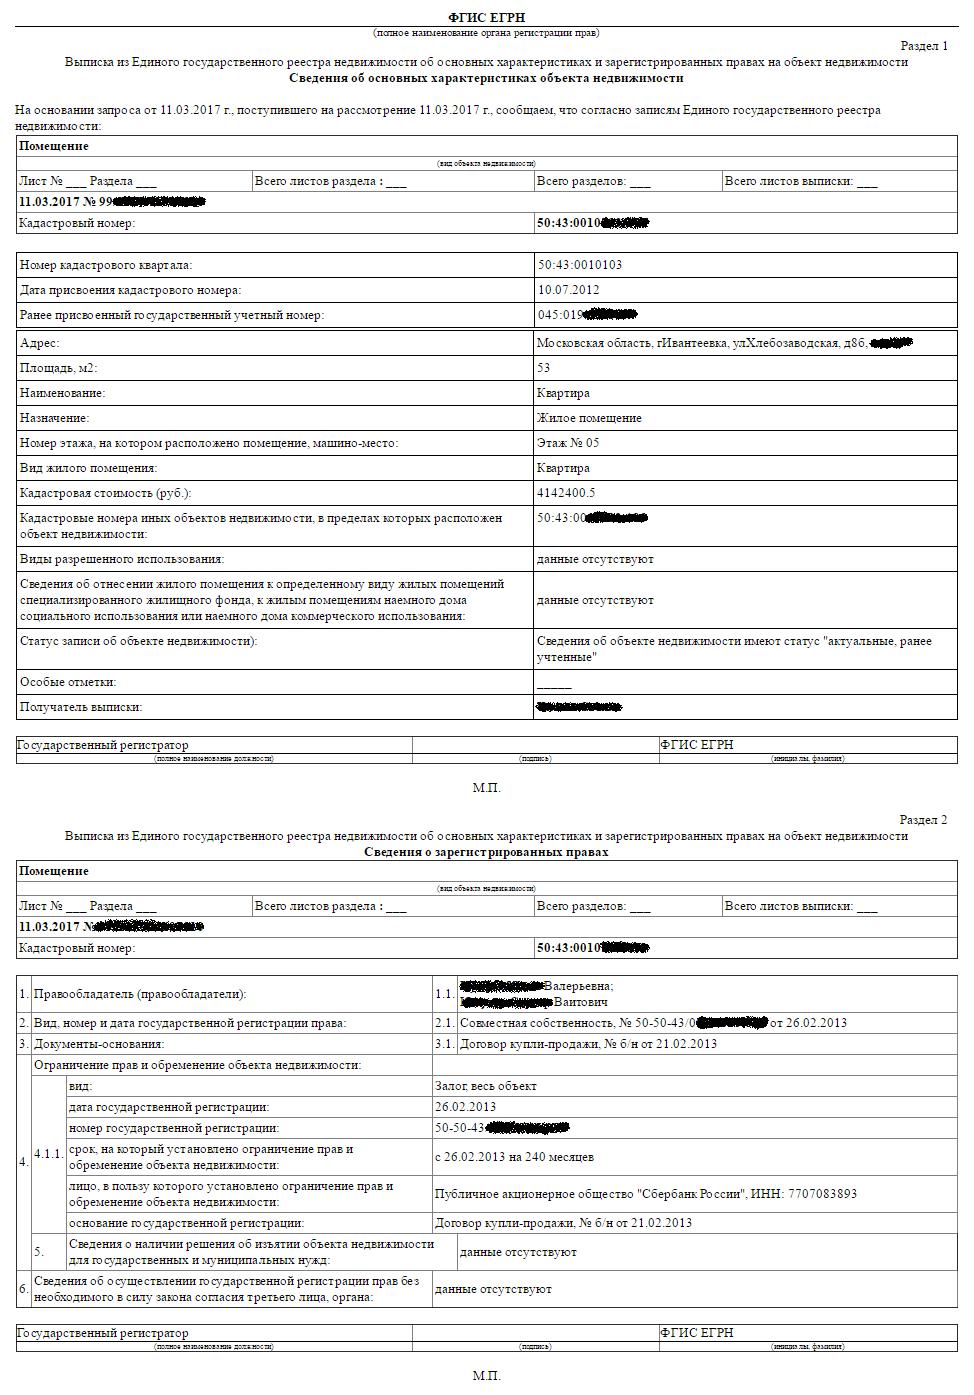 Выписка из ЕГРН через Сбербанк: онлайн заказать